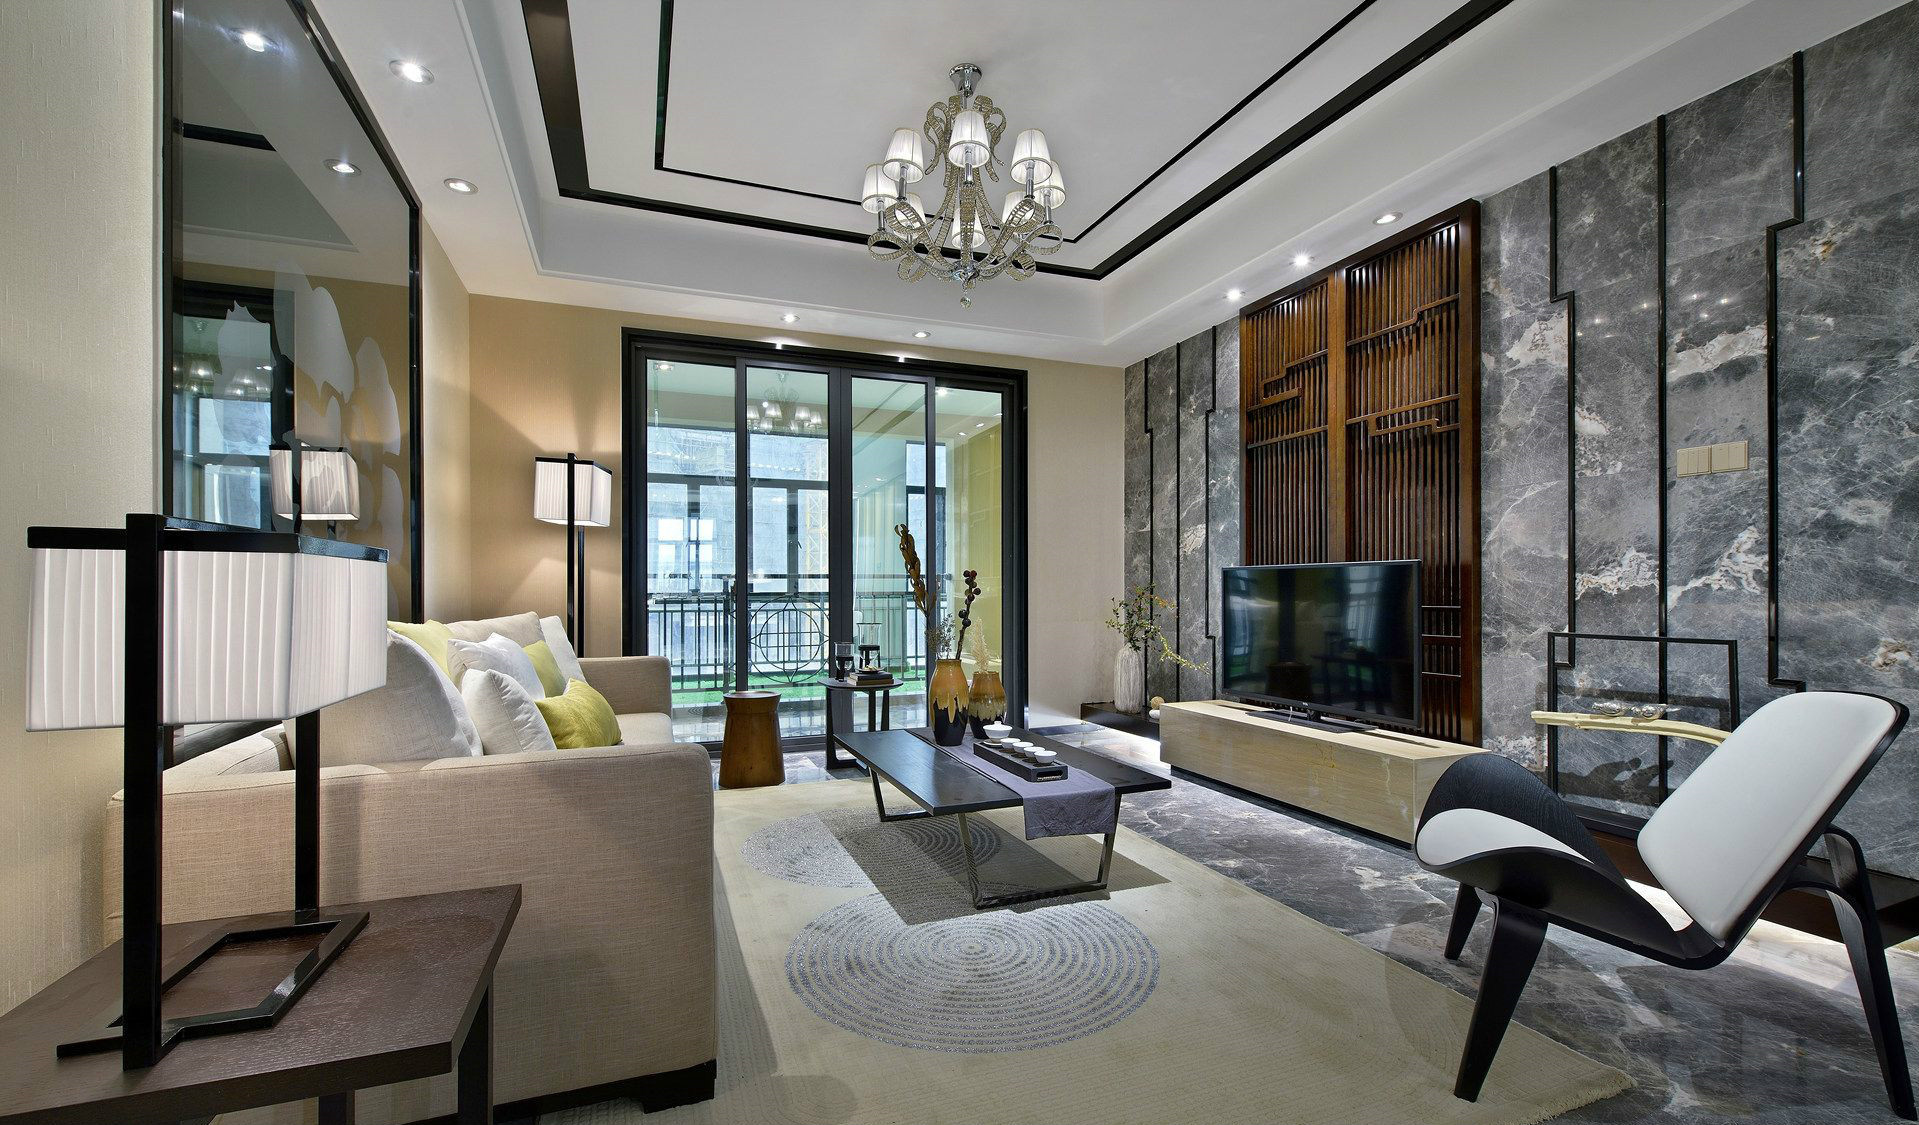 客厅衬托舒适的布艺沙发与禅意的抱枕,整个空间都给人以舒适情趣的感觉